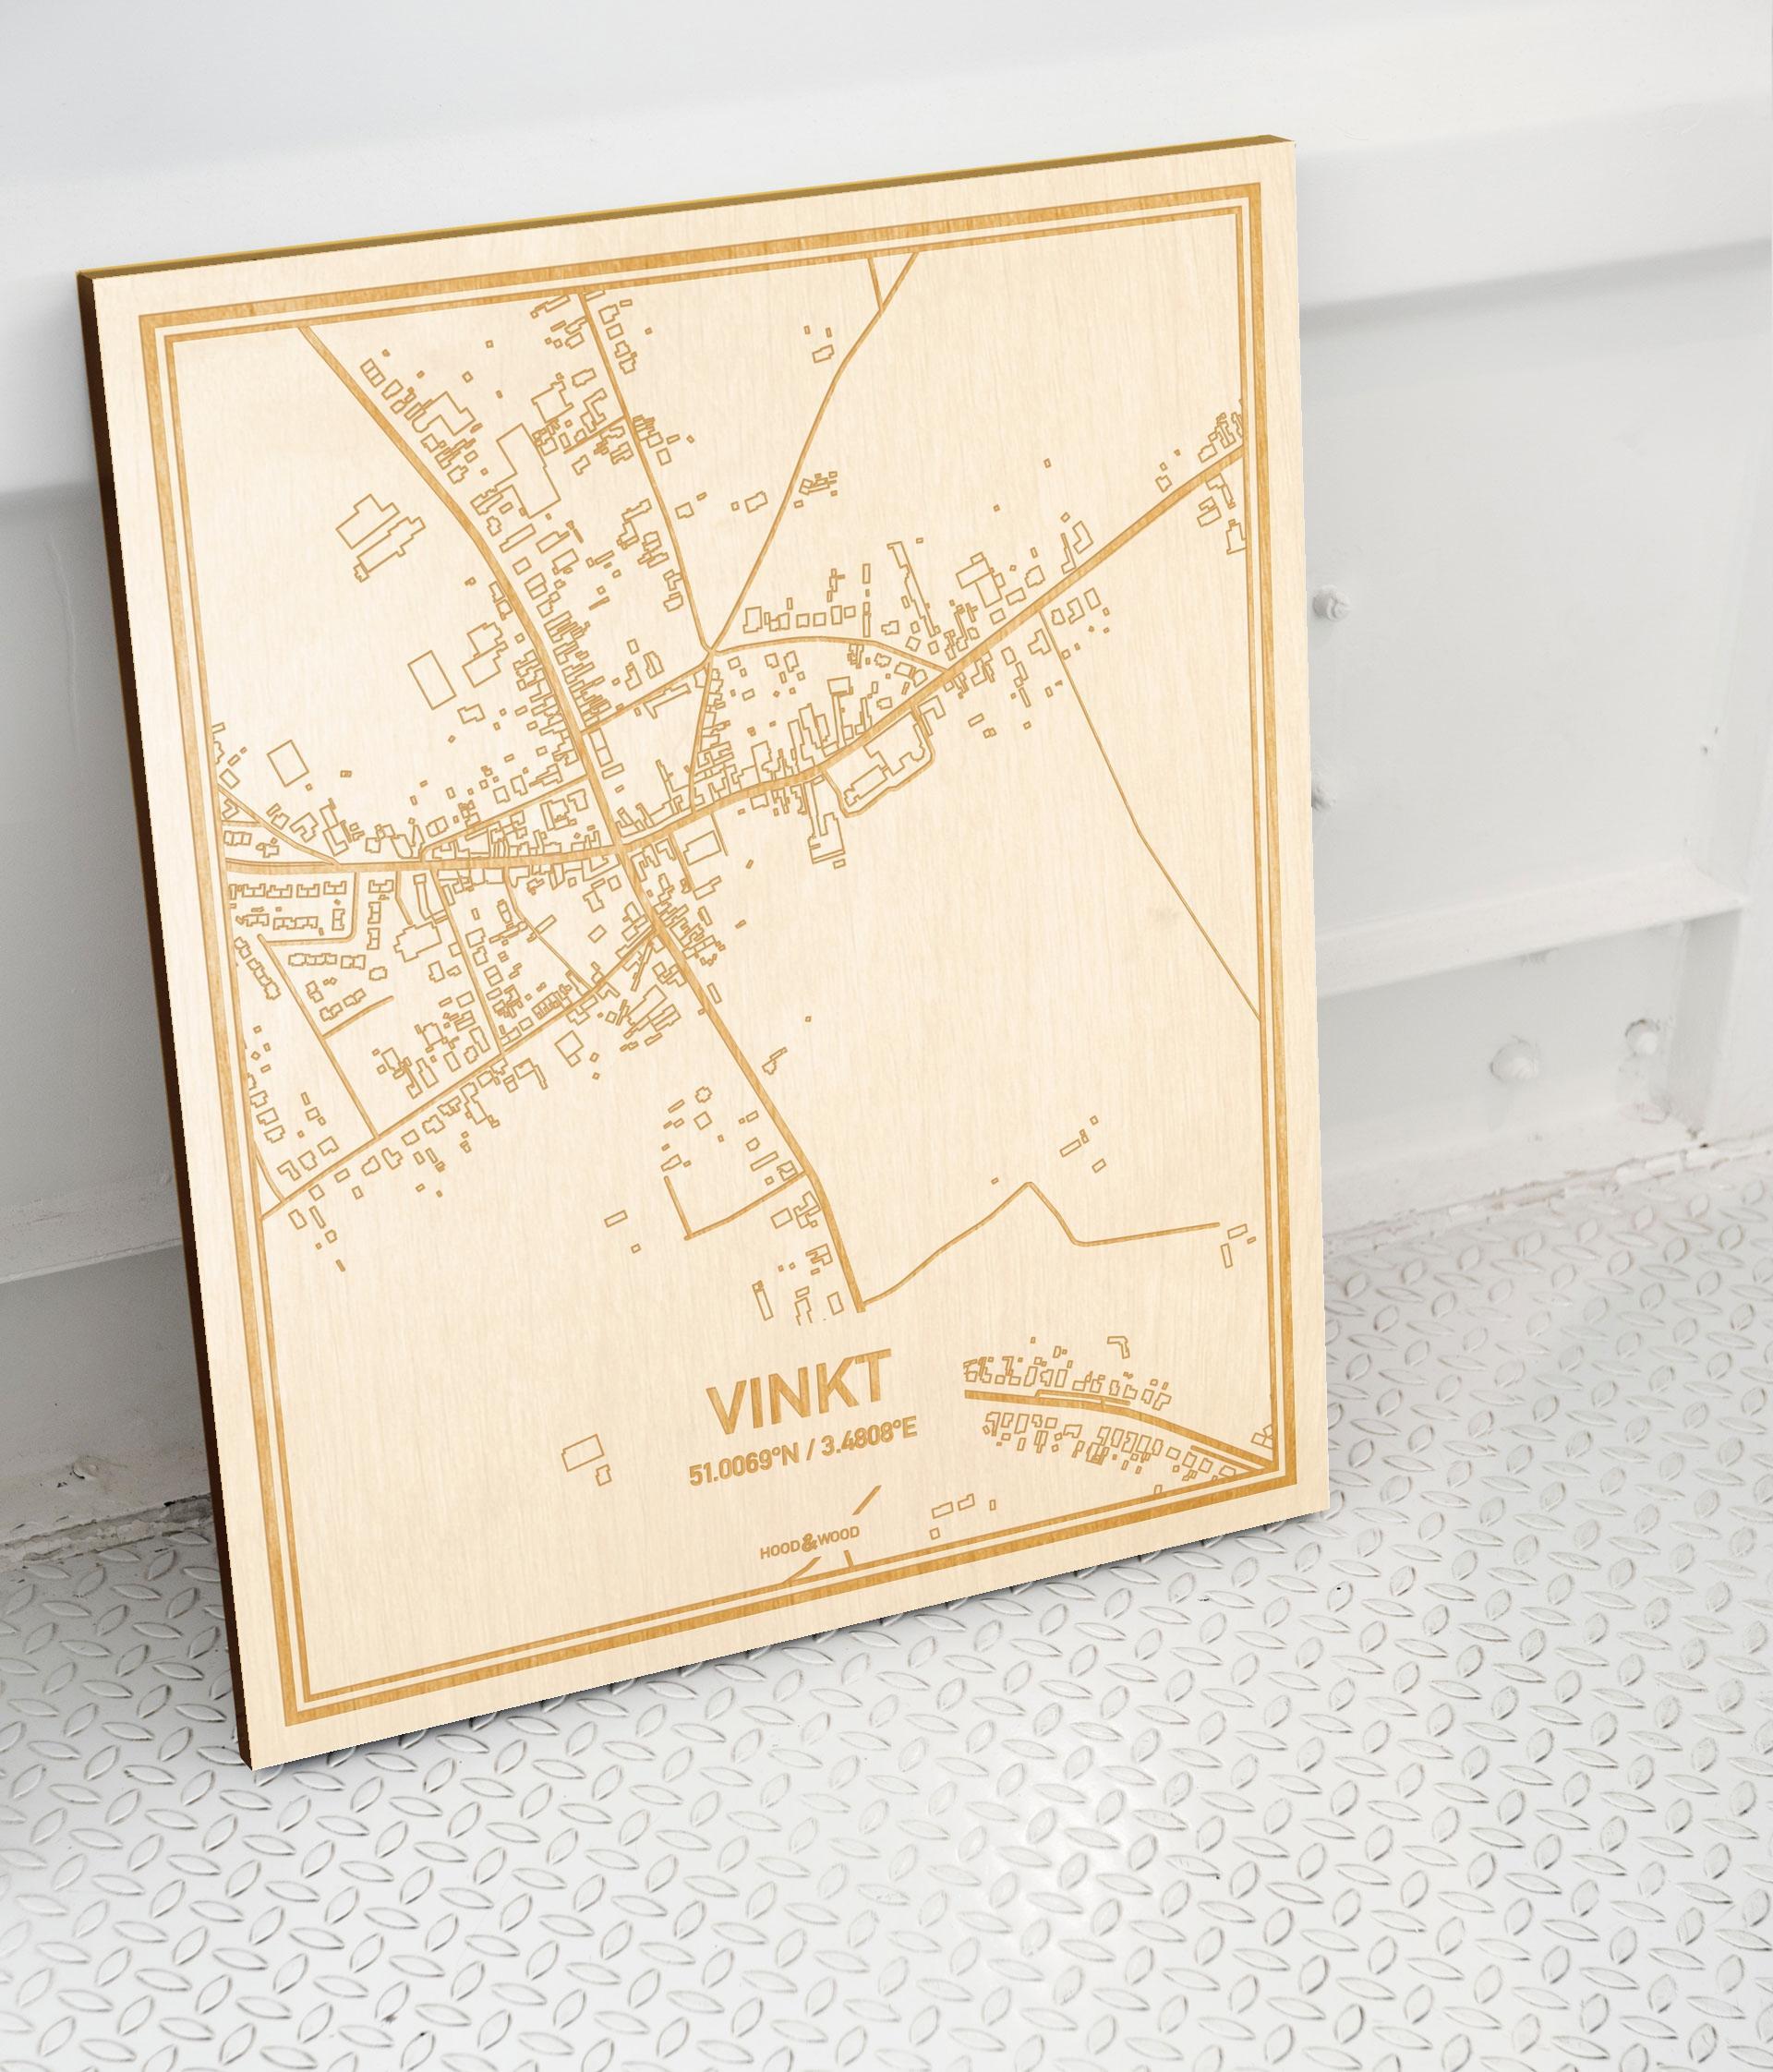 Plattegrond Vinkt als prachtige houten wanddecoratie. Het warme hout contrasteert mooi met de witte muur.